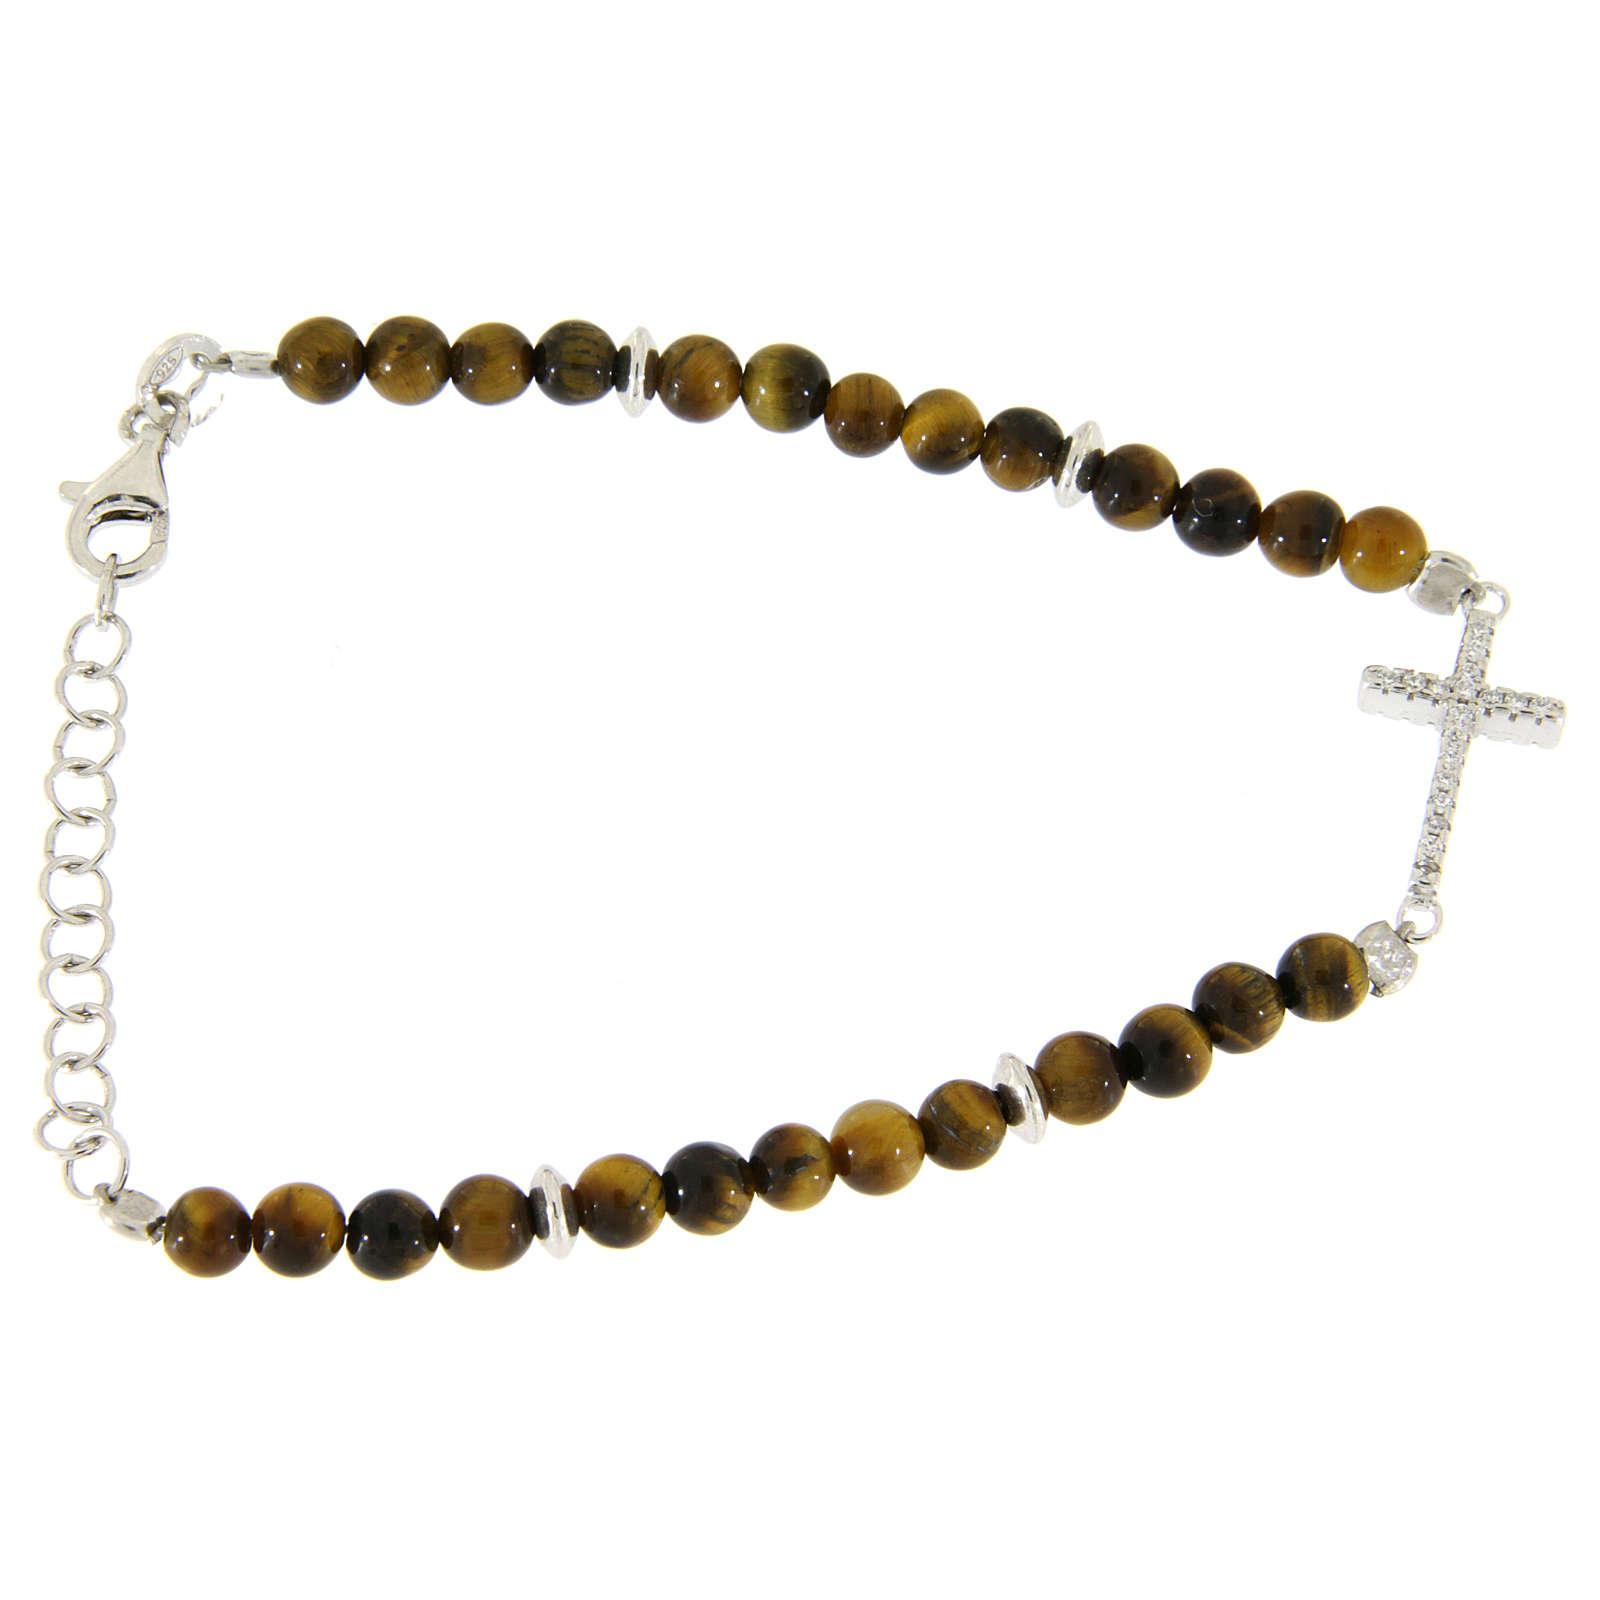 Bracelet perles oeil de tigre argent et croix zircons blancs 4